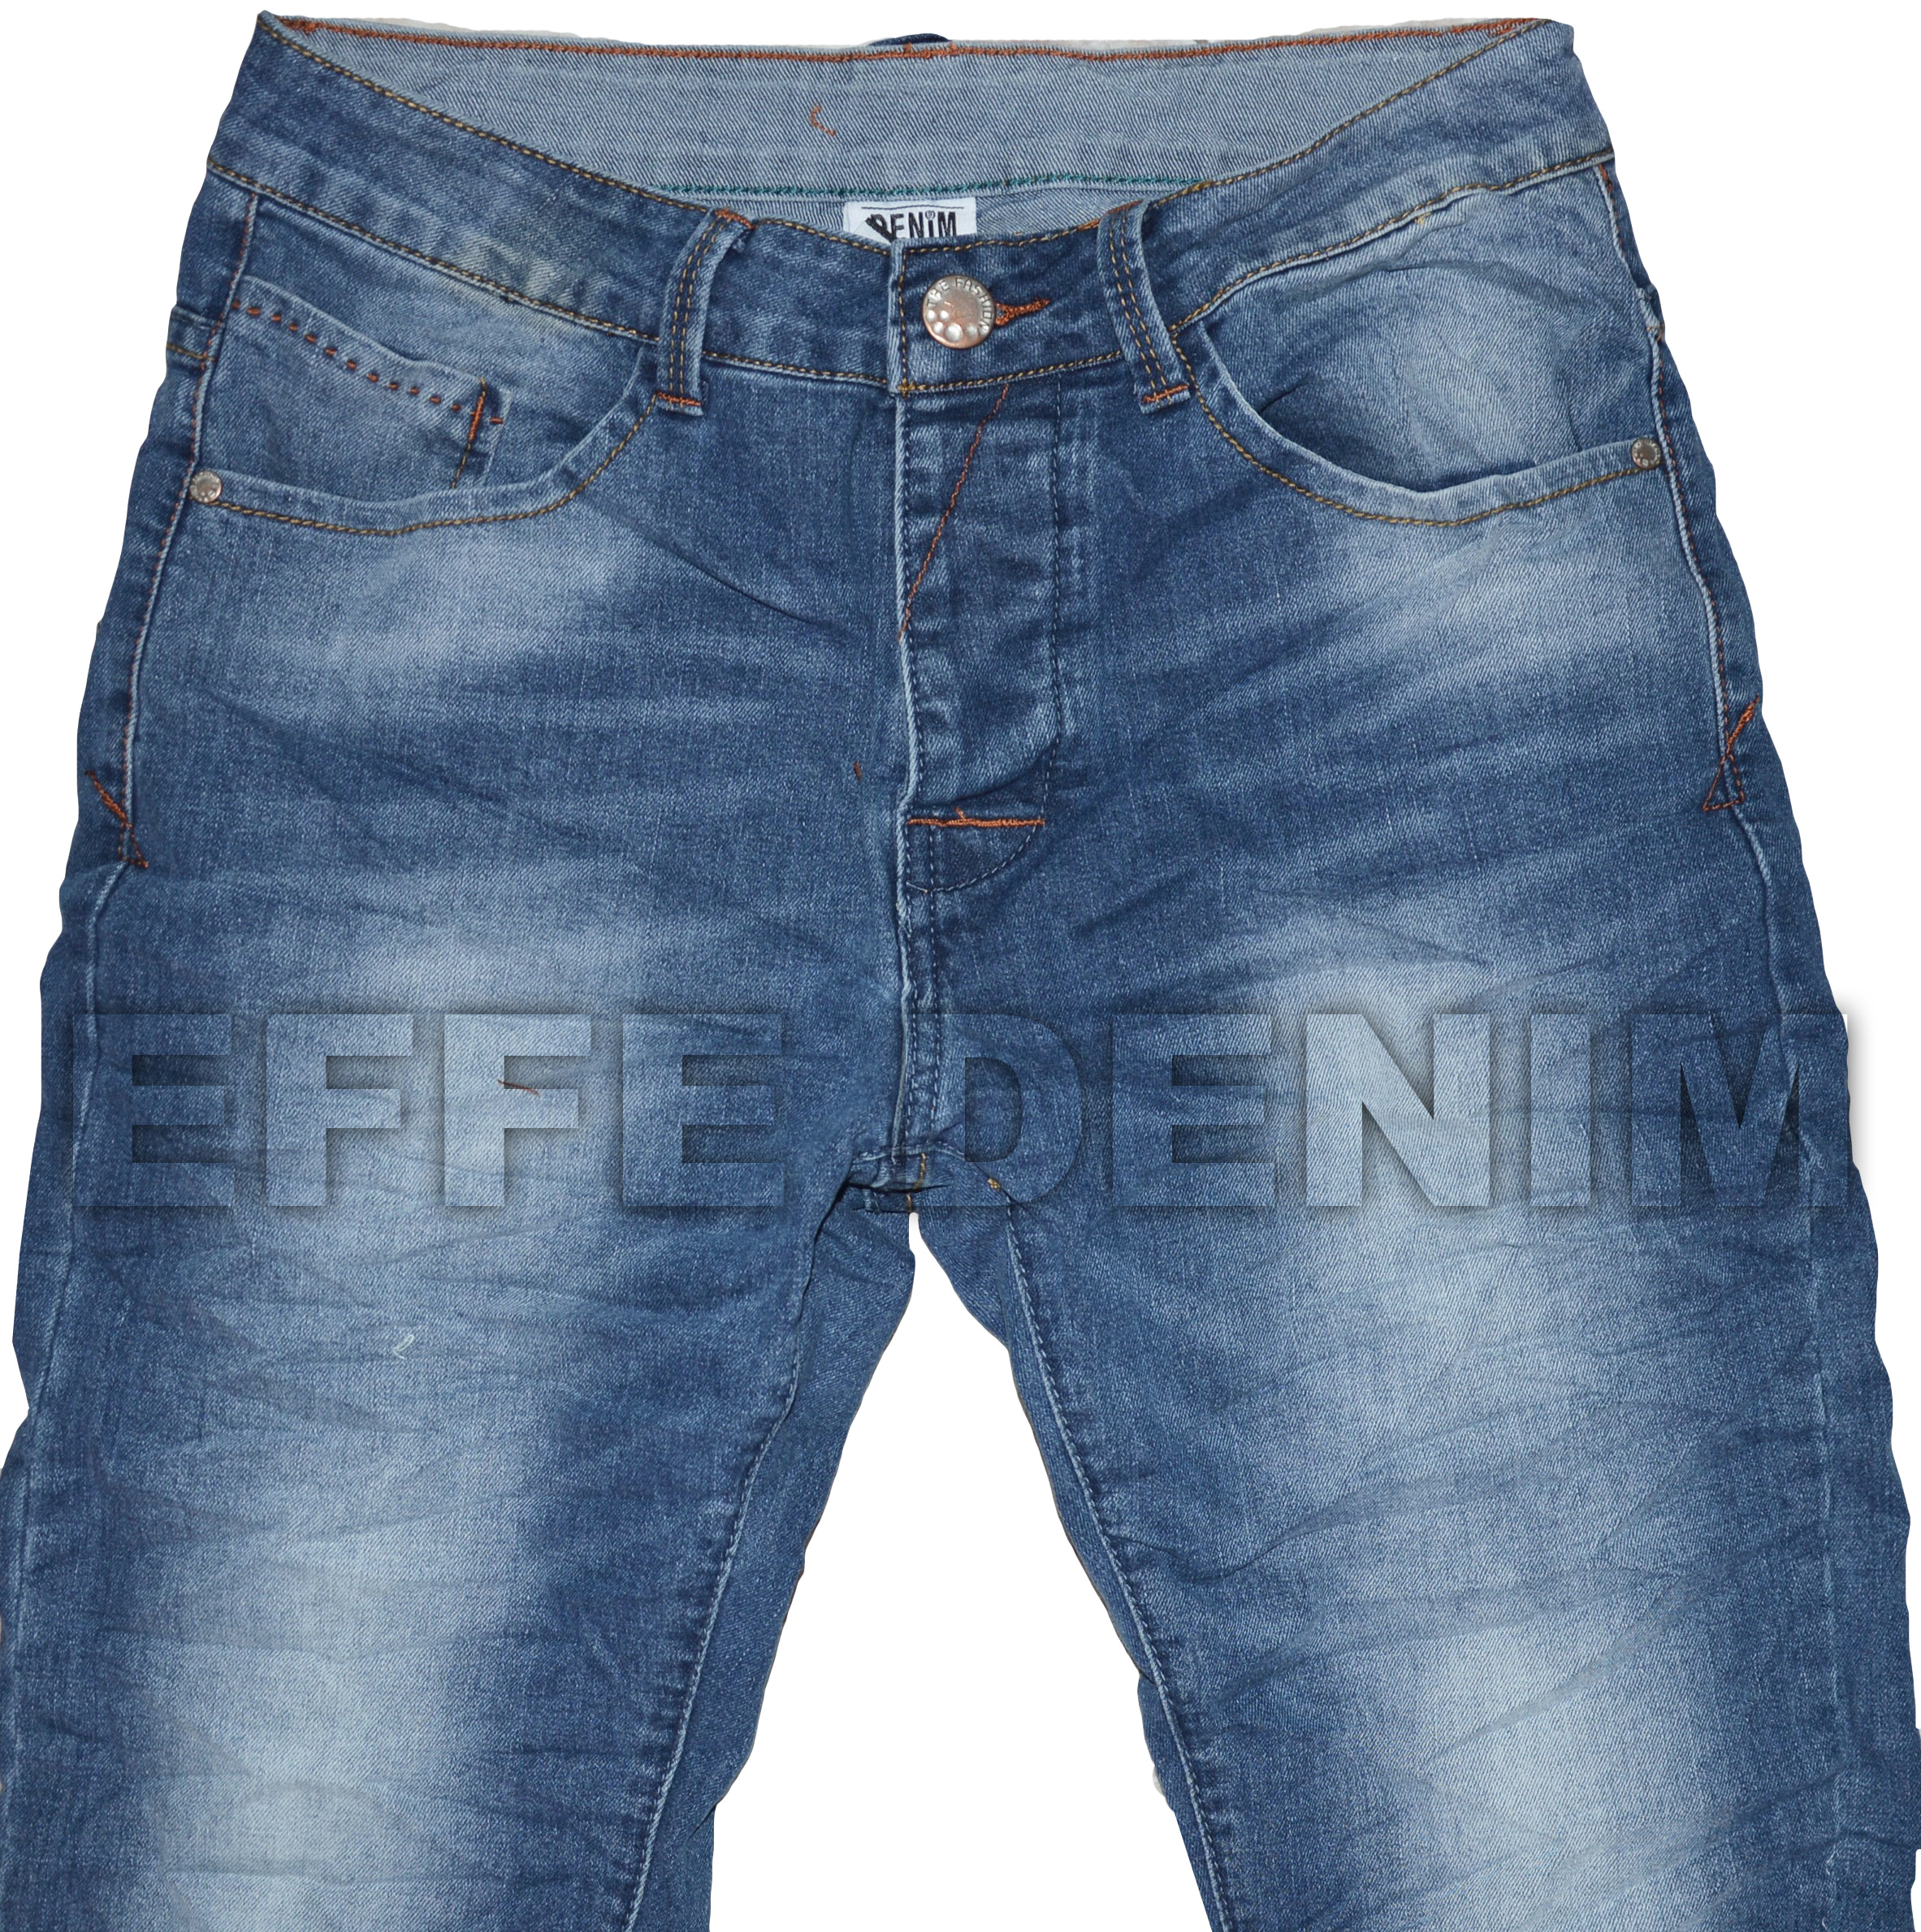 Jeans Uomo Denim Slim Pantaloni Chiari 5 Tasche Blu Nuovo Elasticizzato art 2018